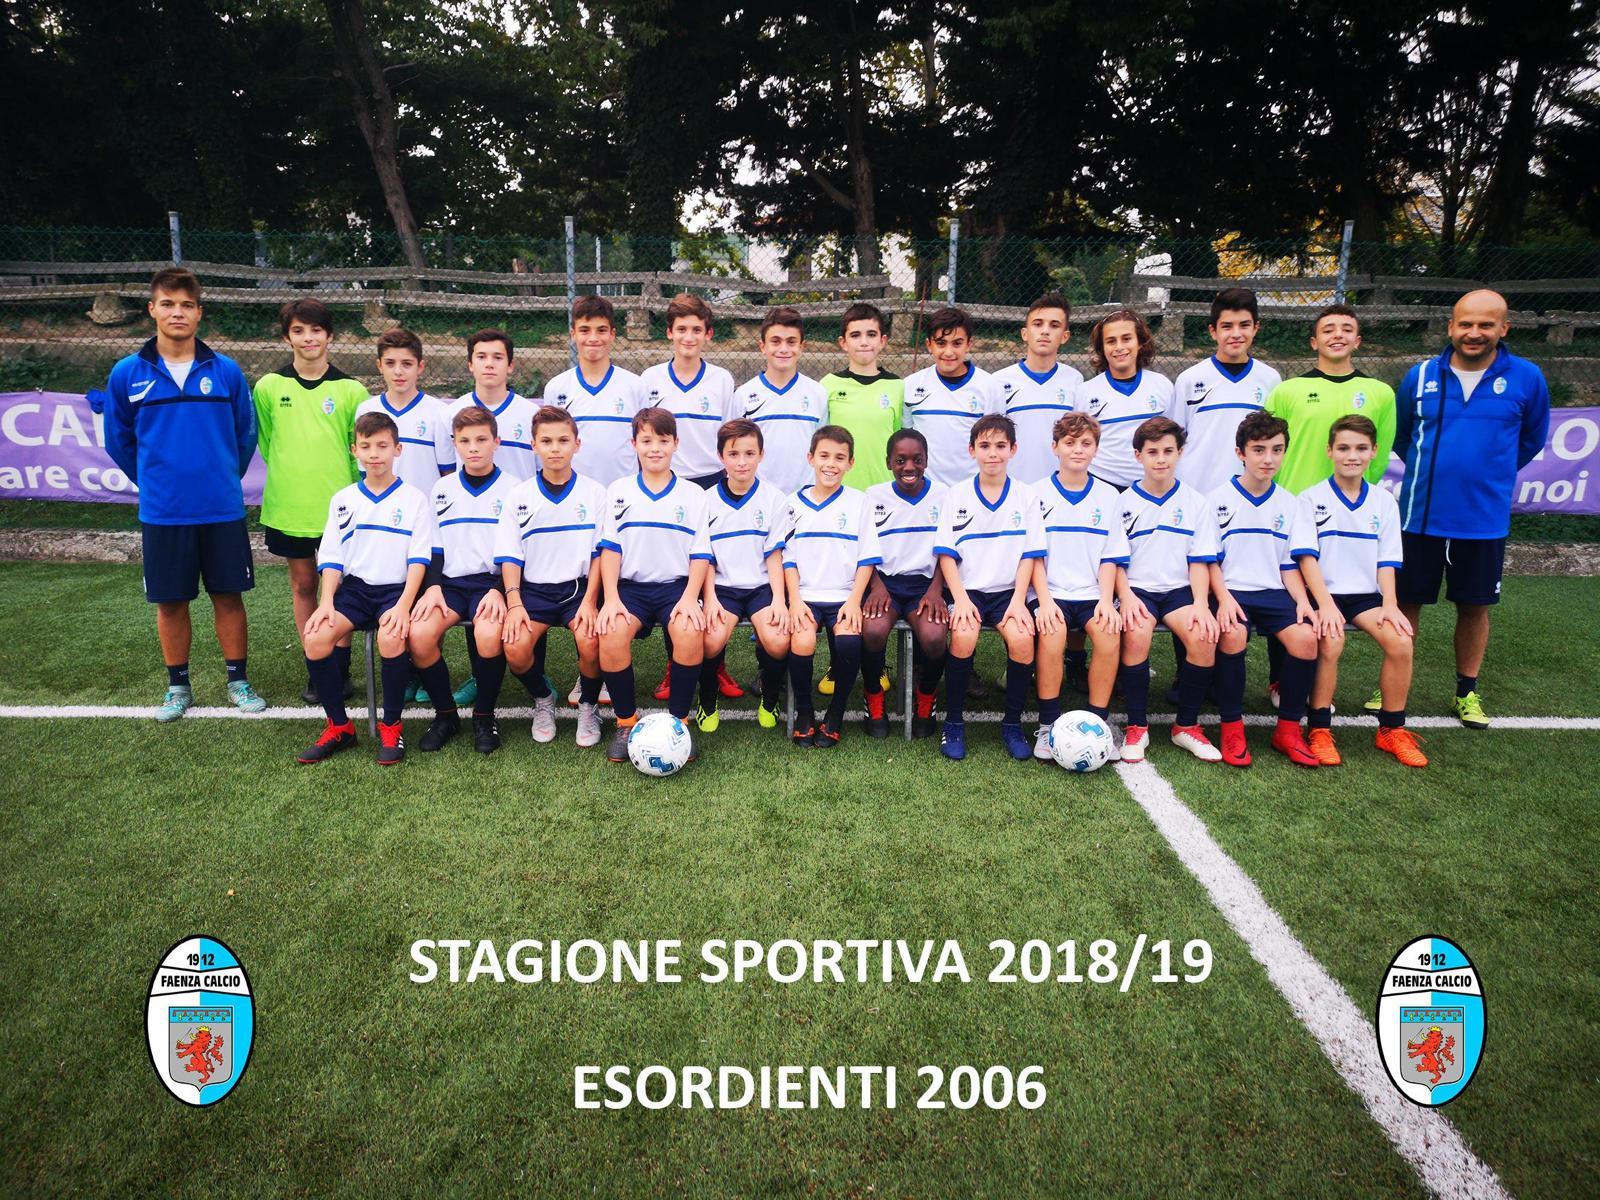 Calendario Pulcini 2006.Faenza Calcio Sito Ufficiale